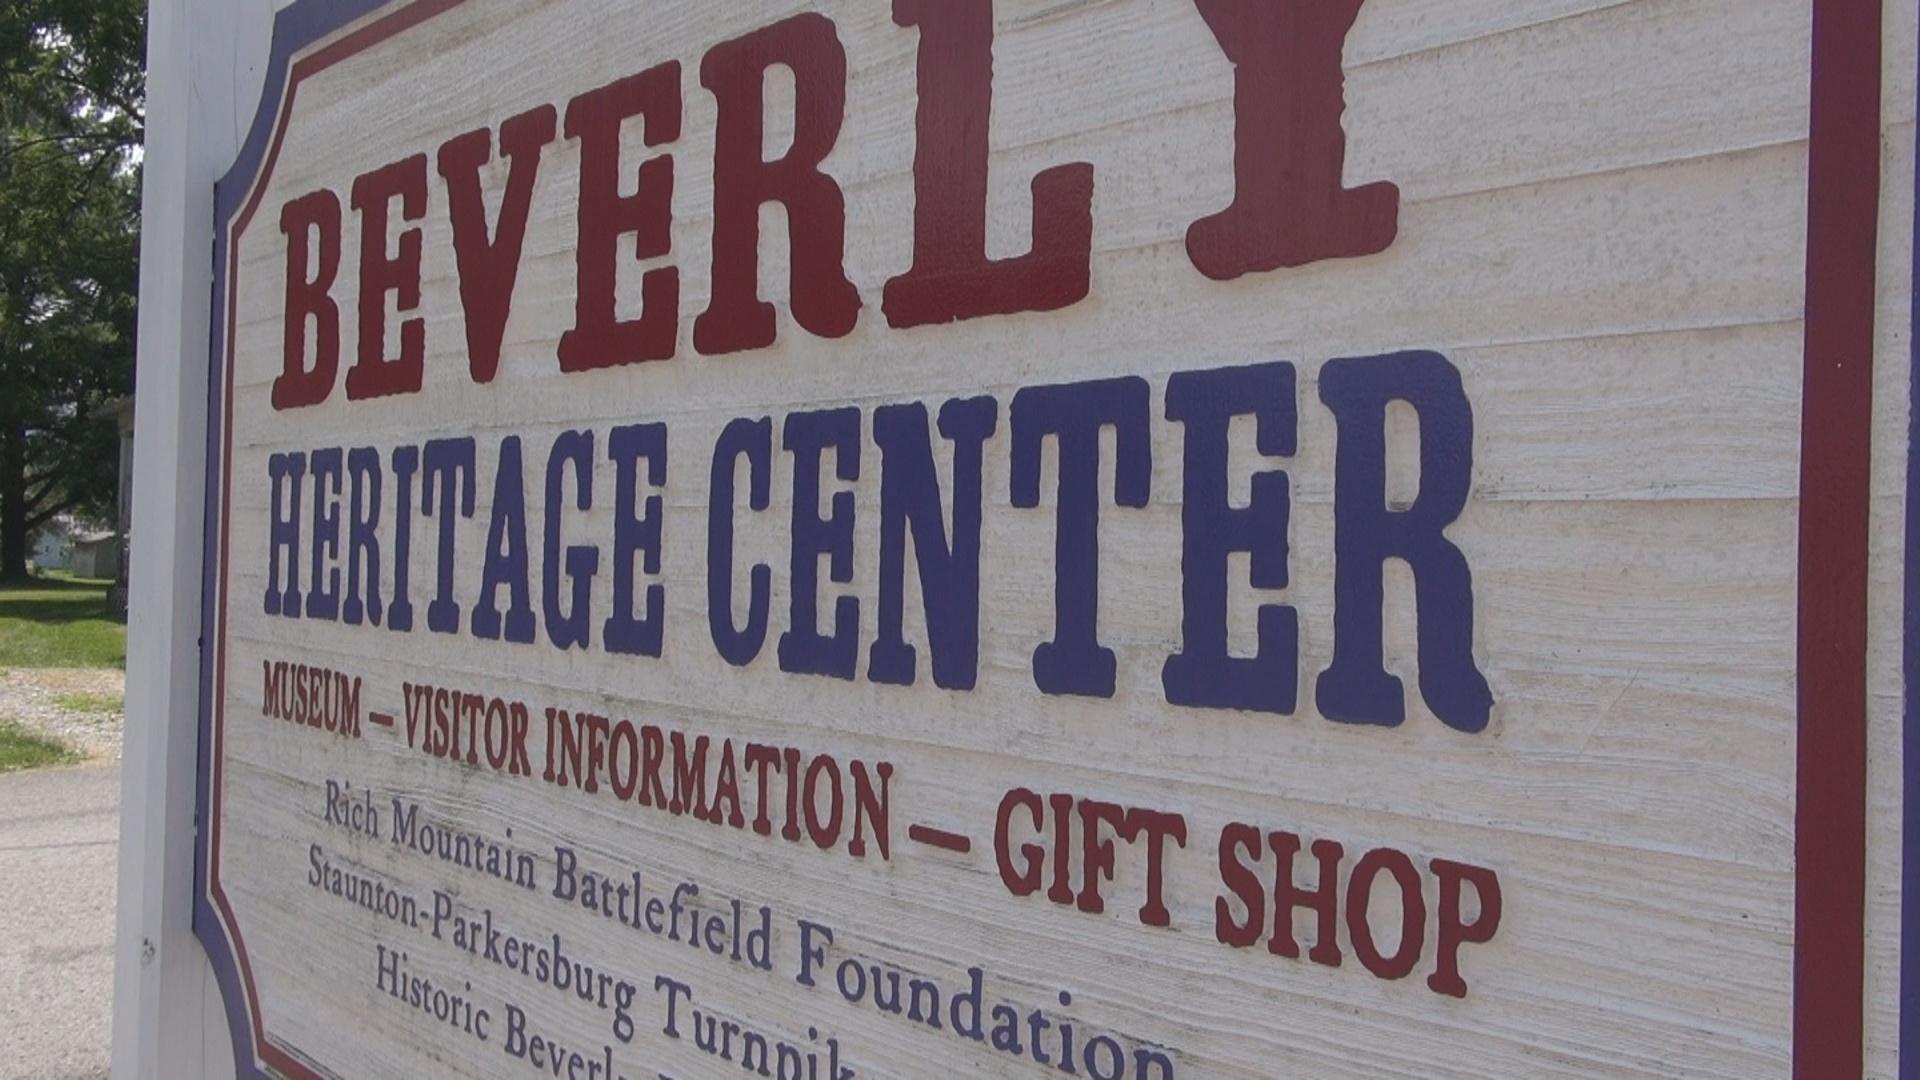 beverly heritage center.jpg